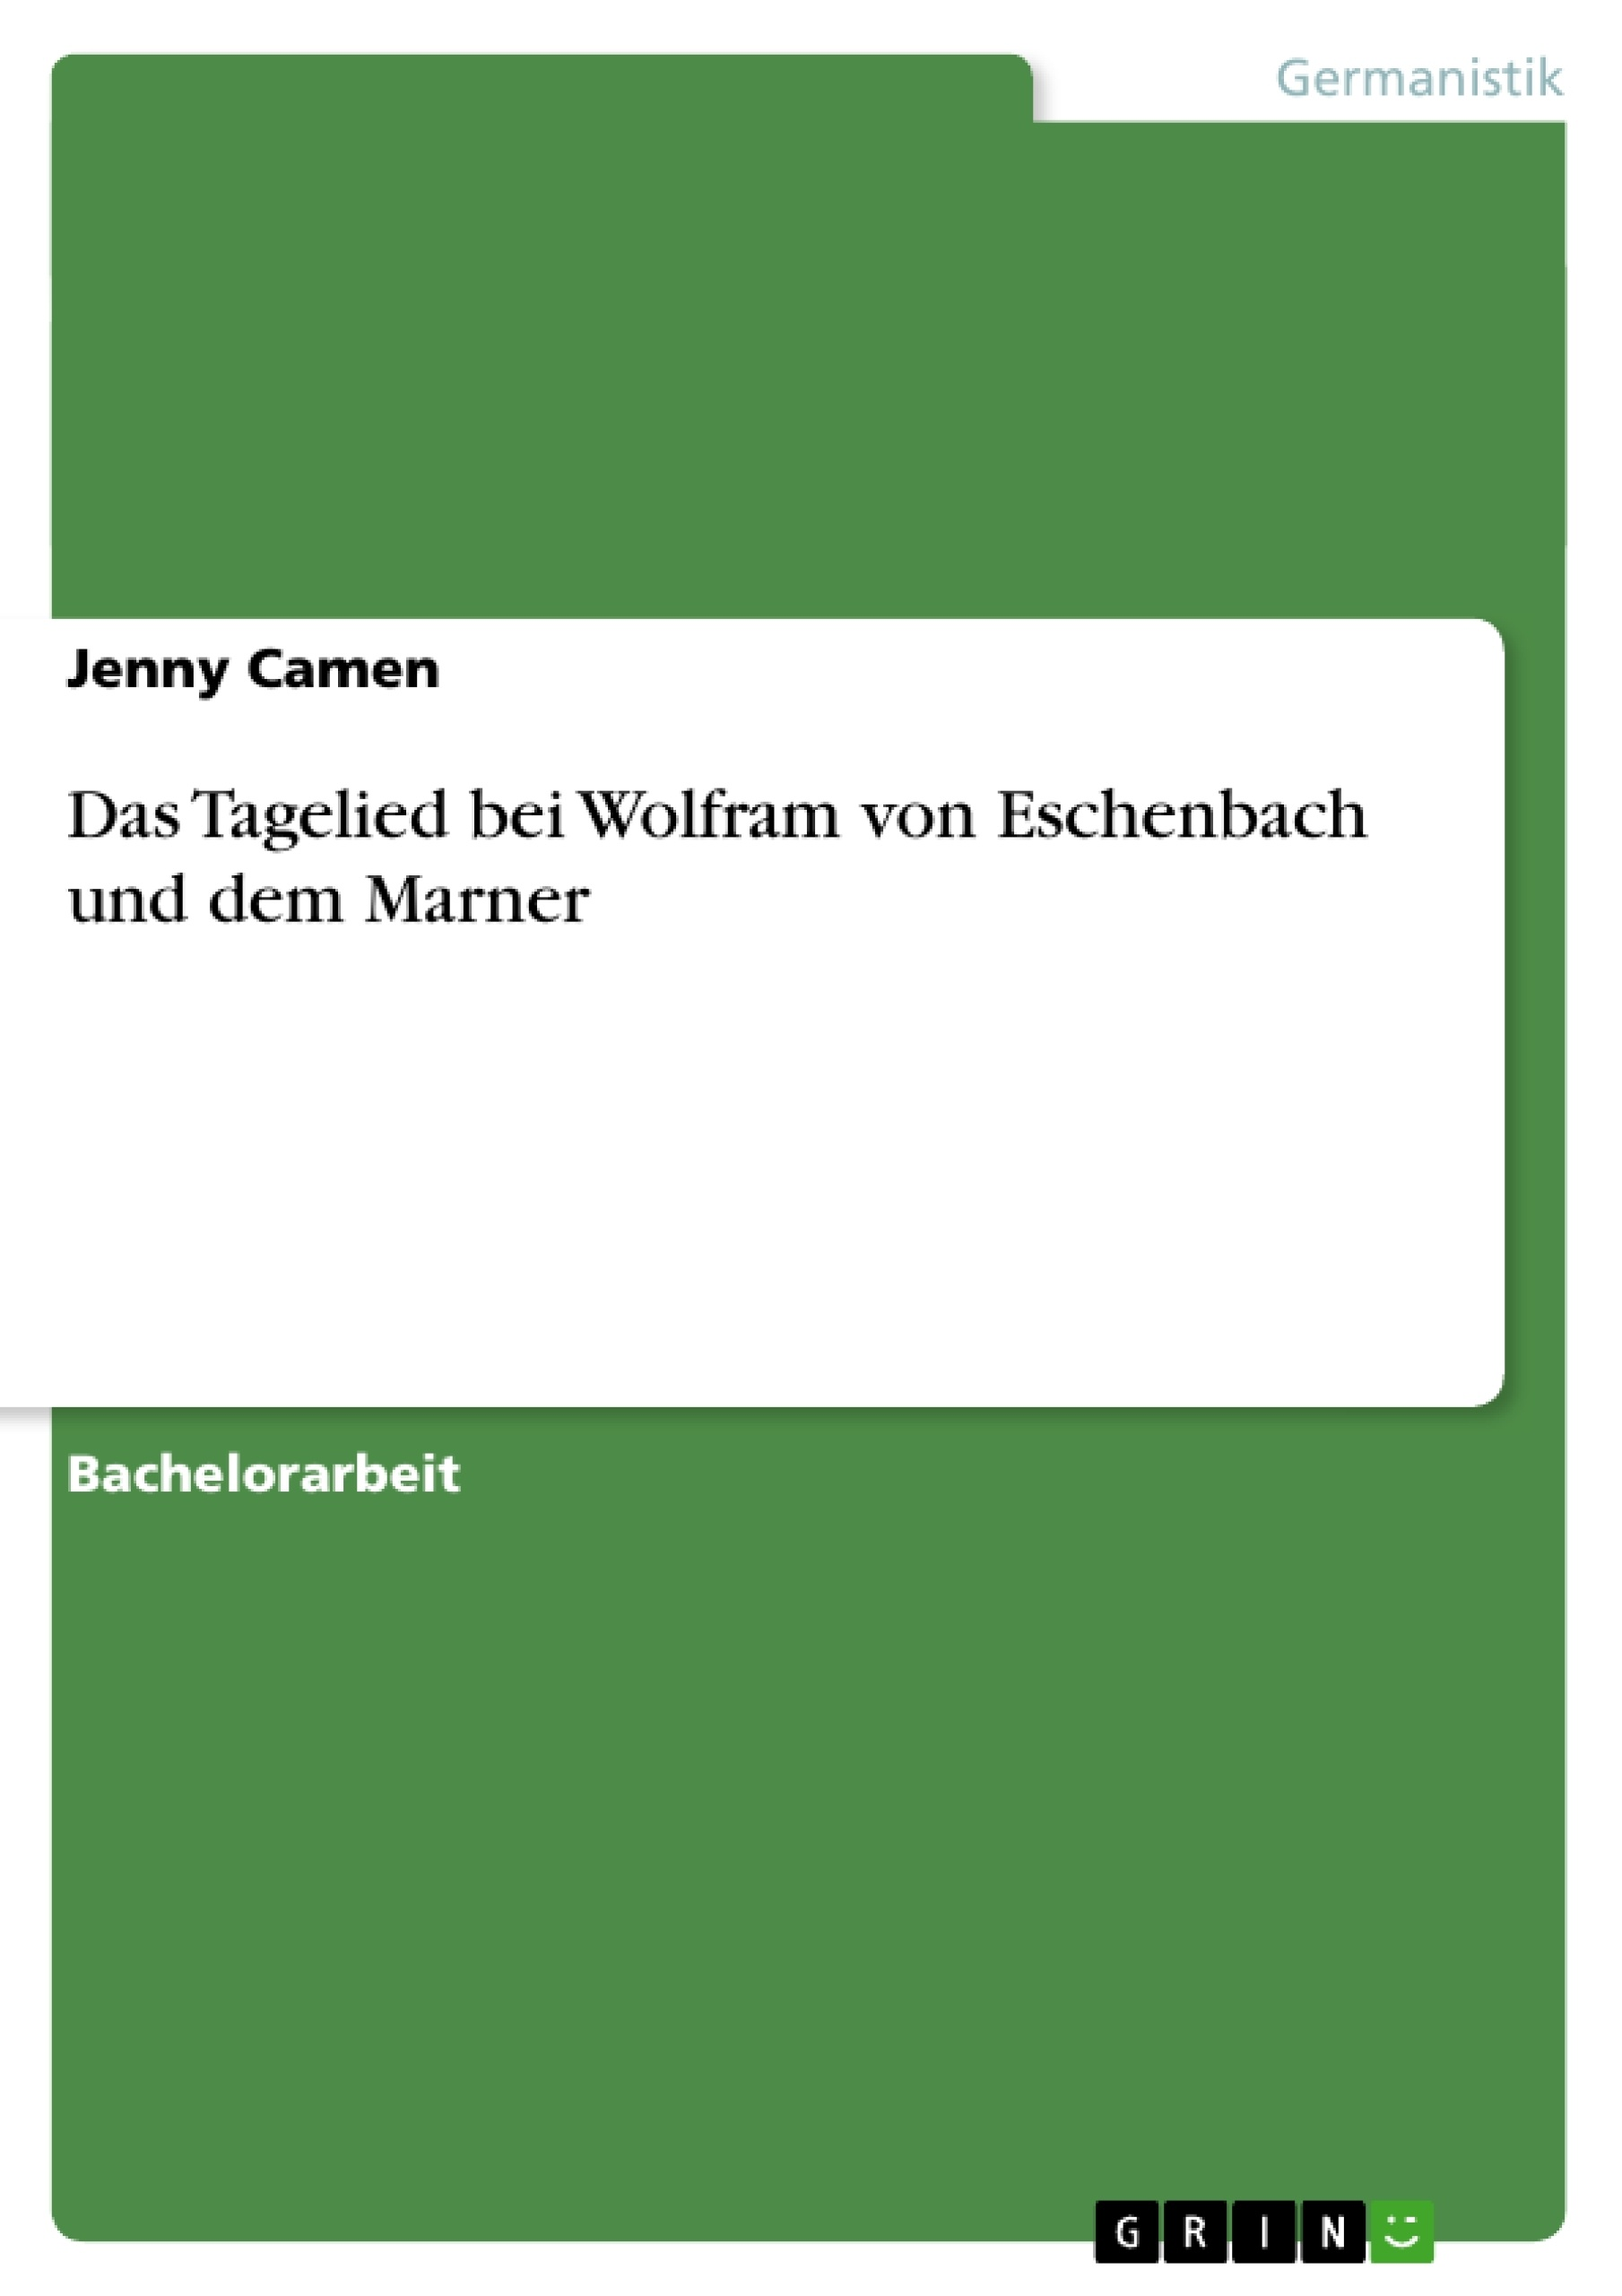 Titel: Das Tagelied bei Wolfram von Eschenbach und dem Marner